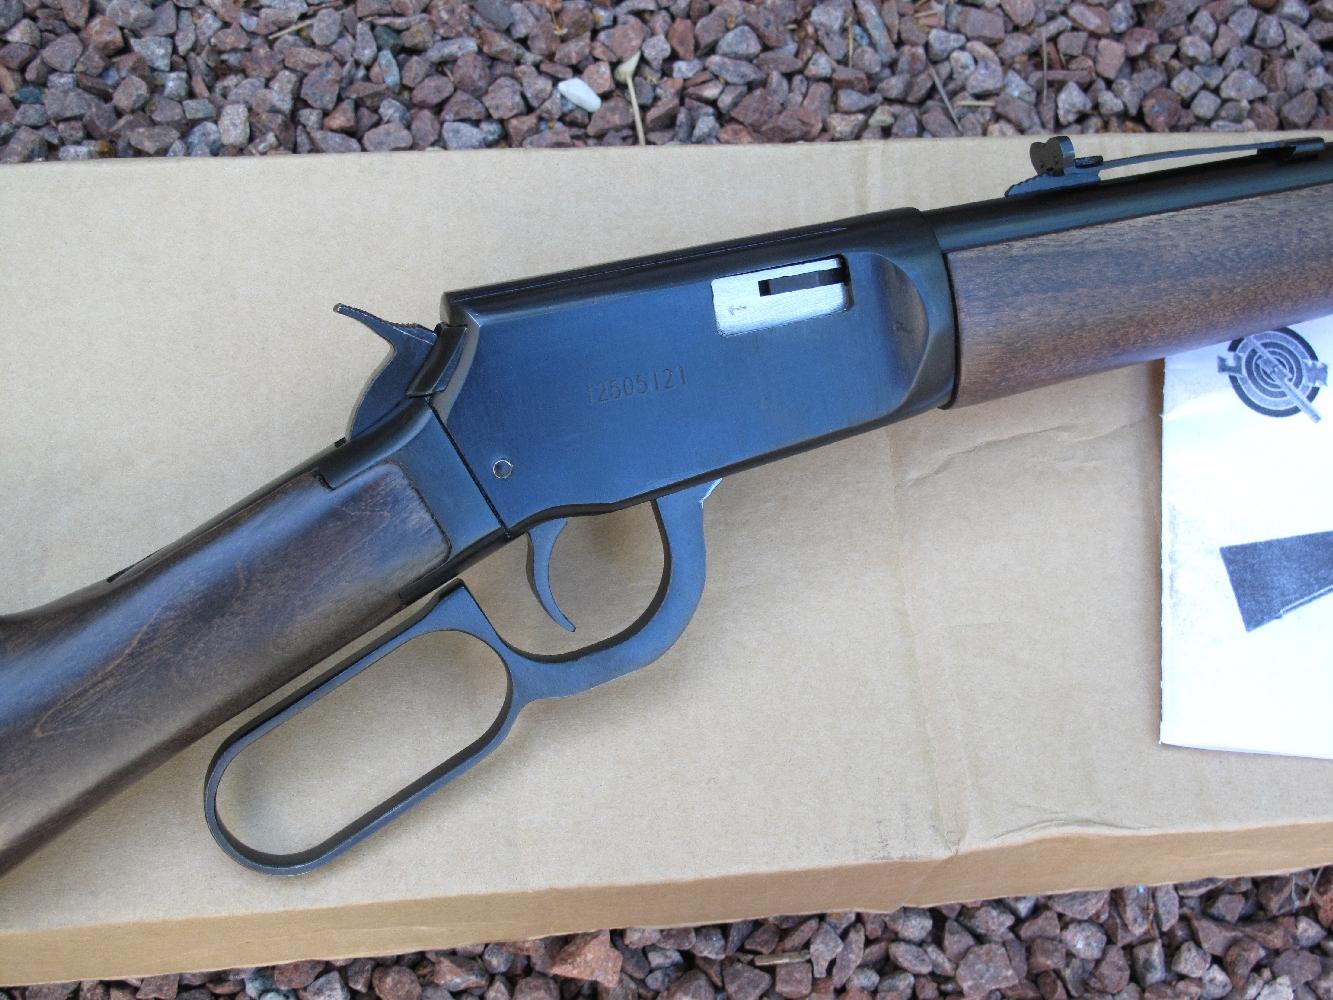 Cette carabine bénéficie d'un robuste boîtier de culasse construit en acier mais elle souffre malheureusement d'une finition rustique et bâclée.